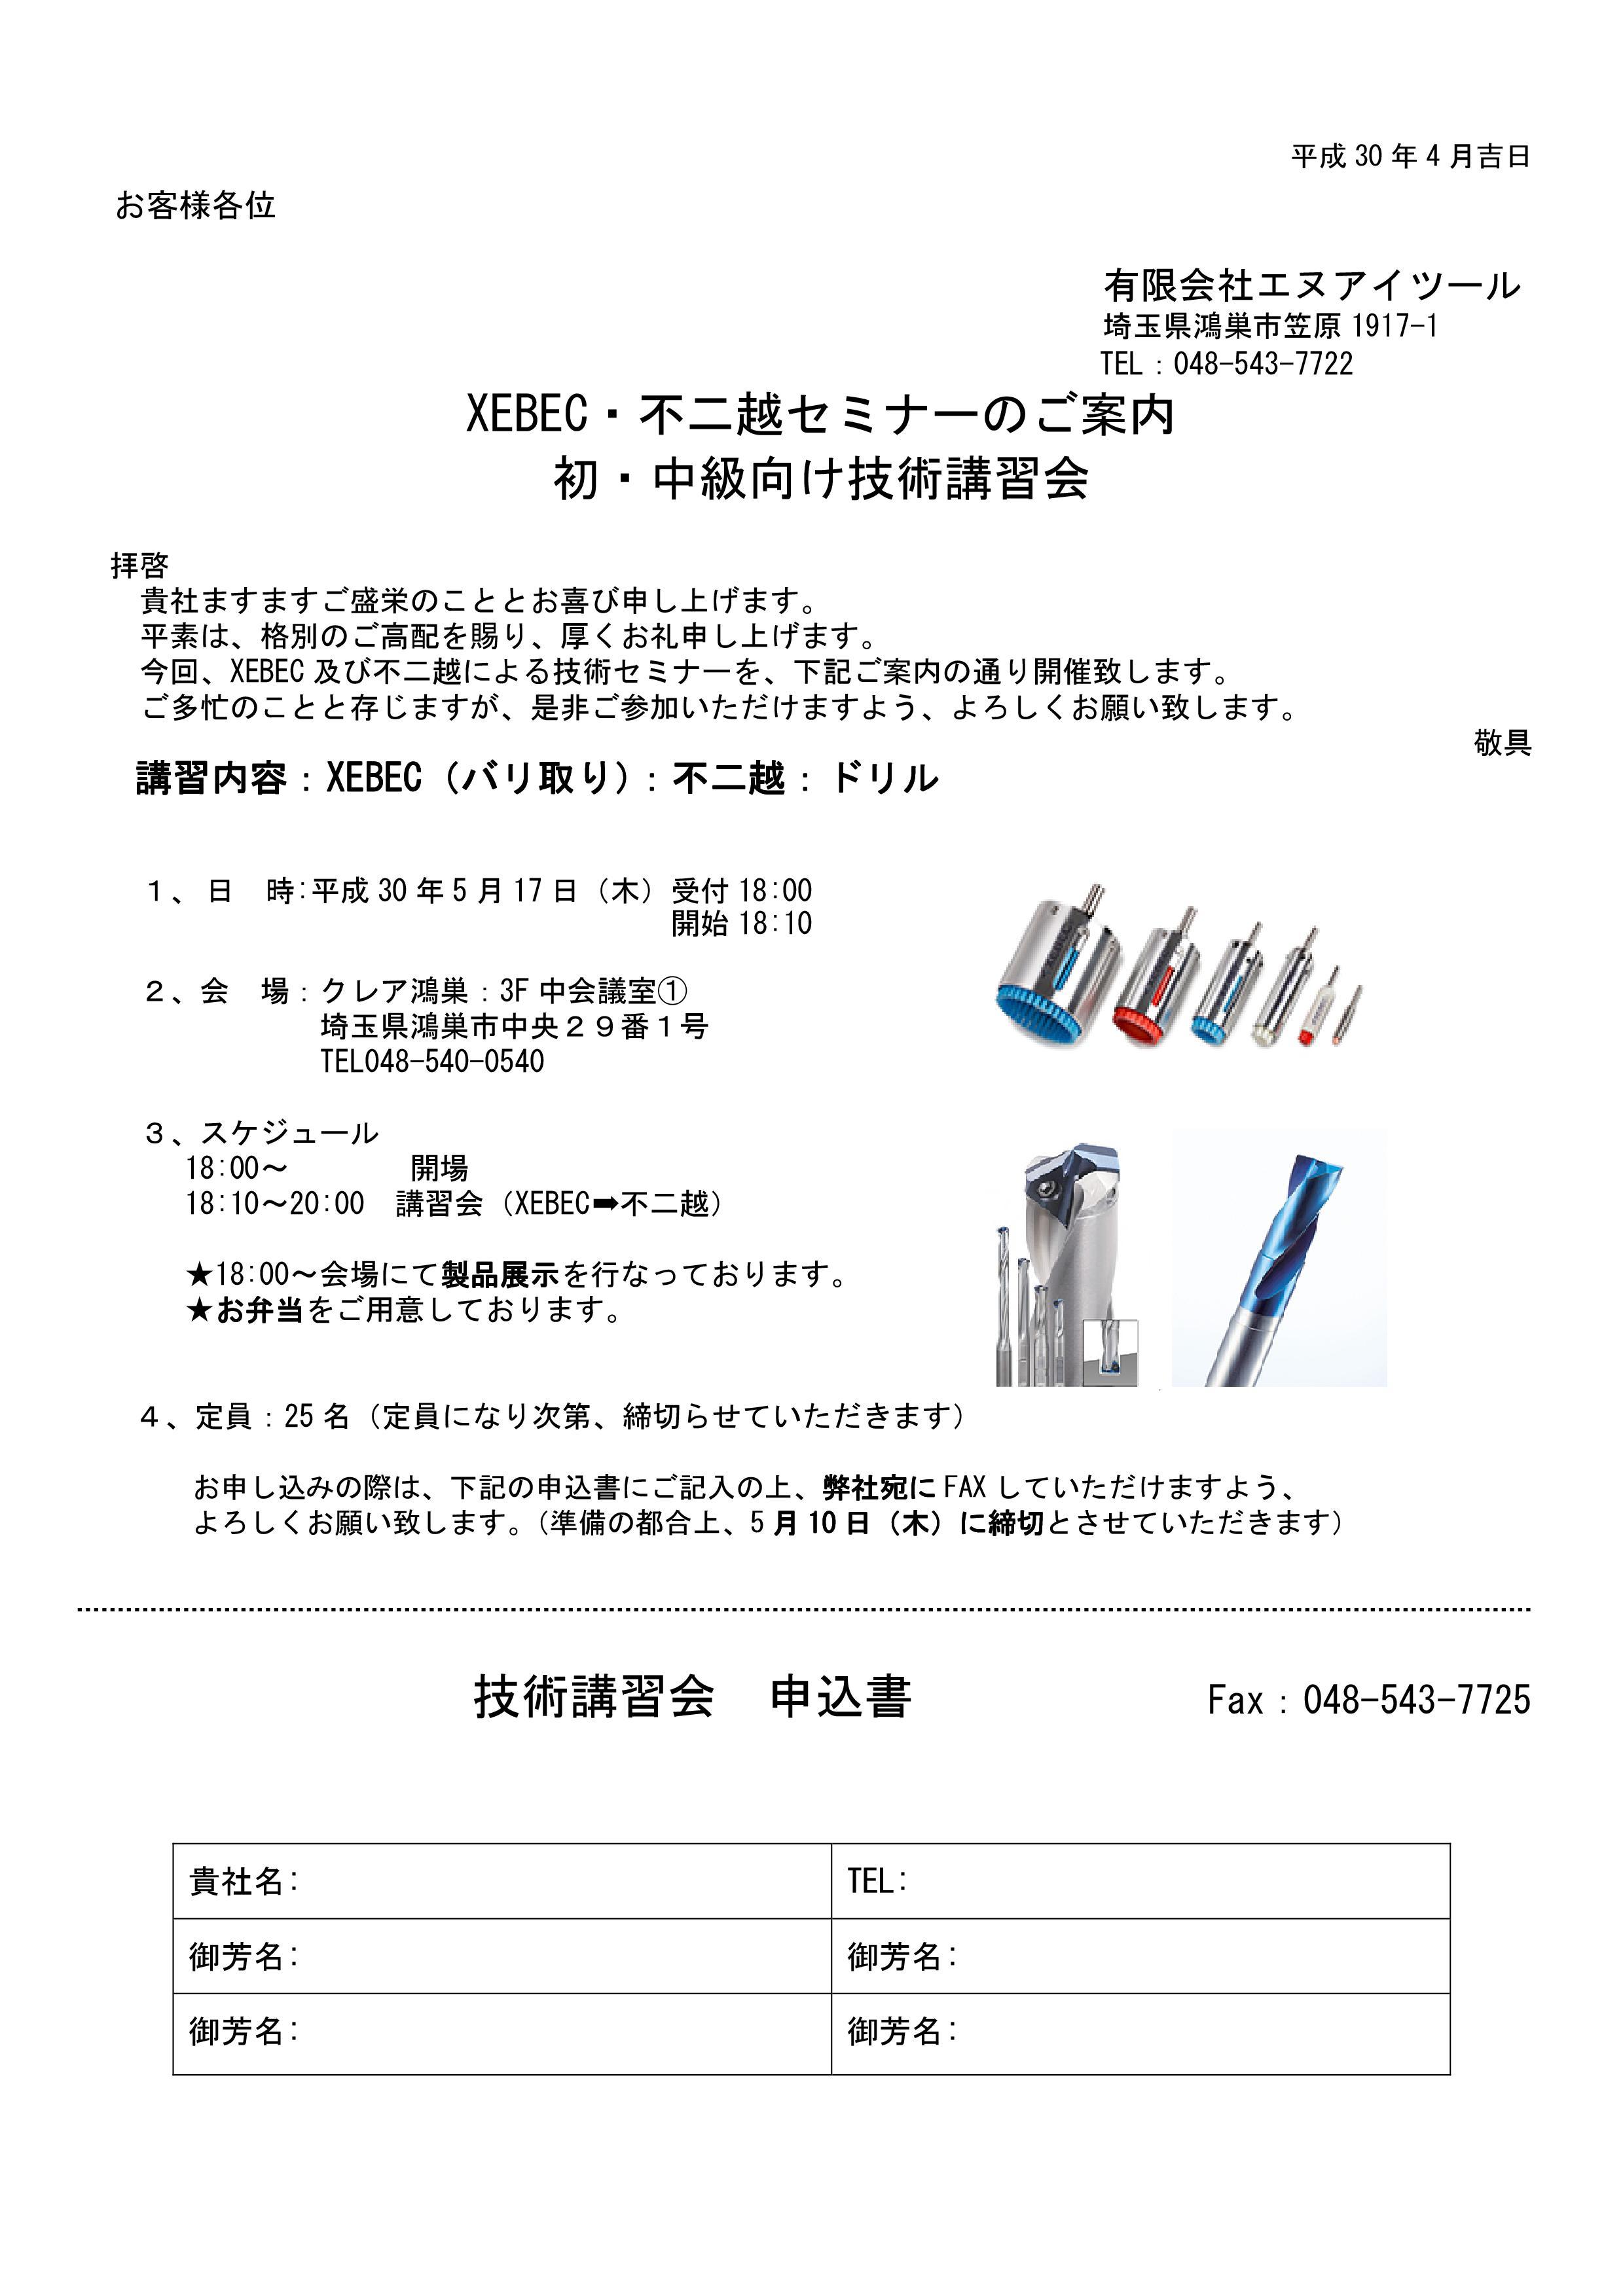 5月17日(木)開催「エヌアイ・ツール主催・ジーベック&不二越 技術講習会」のお知らせ